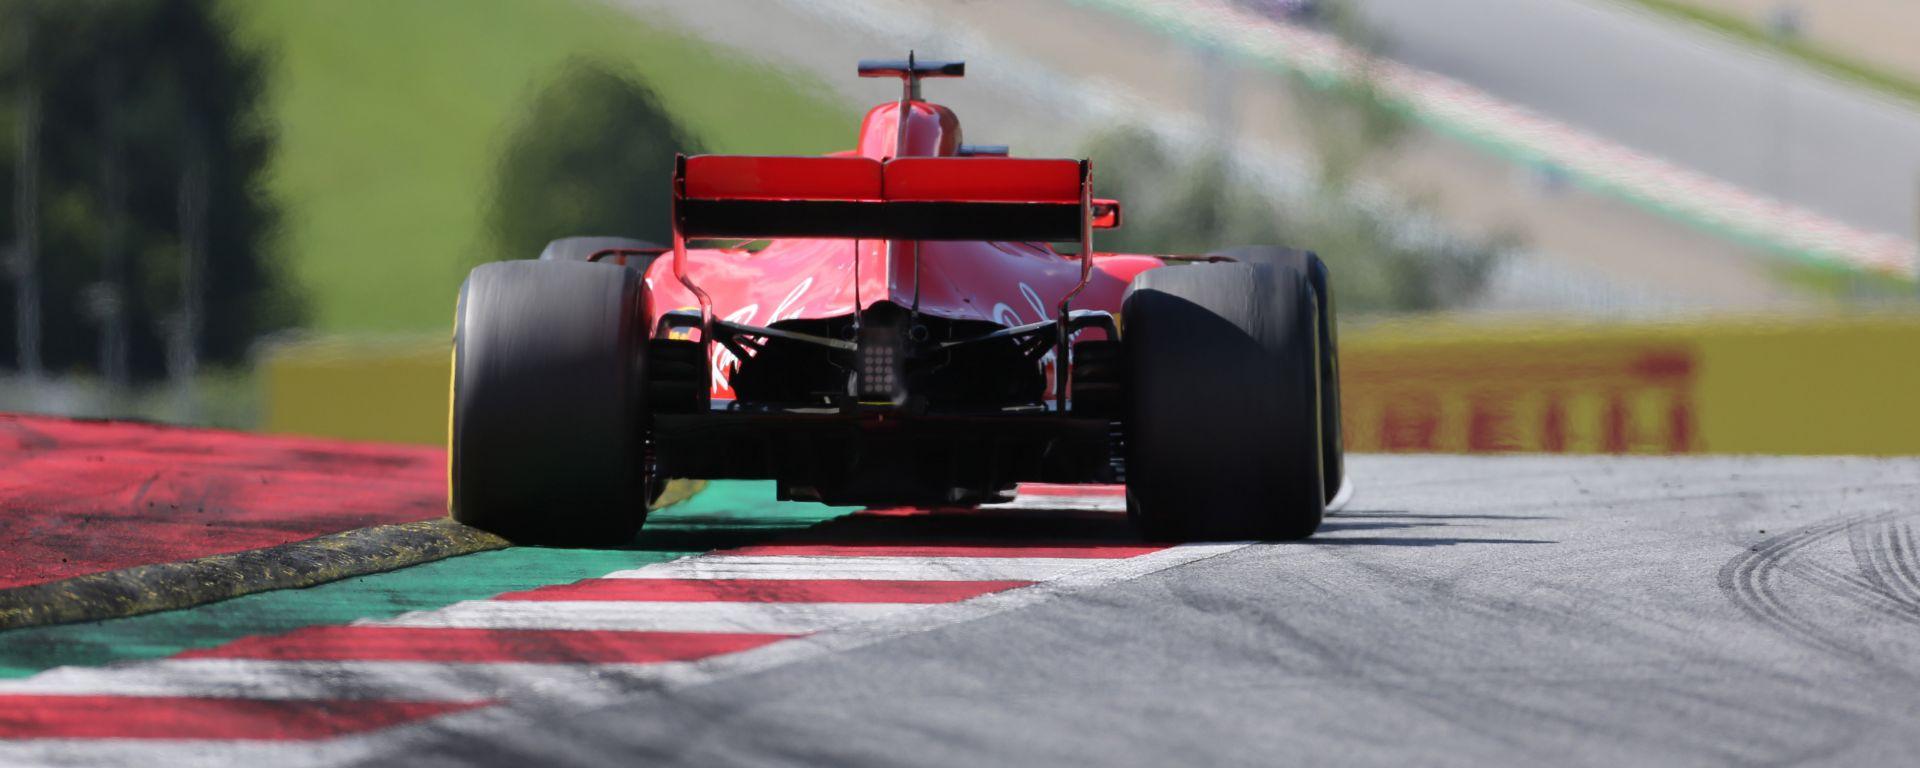 GP Austria 2019, Red Bull Ring, Sebastian Vettel (Ferrari)